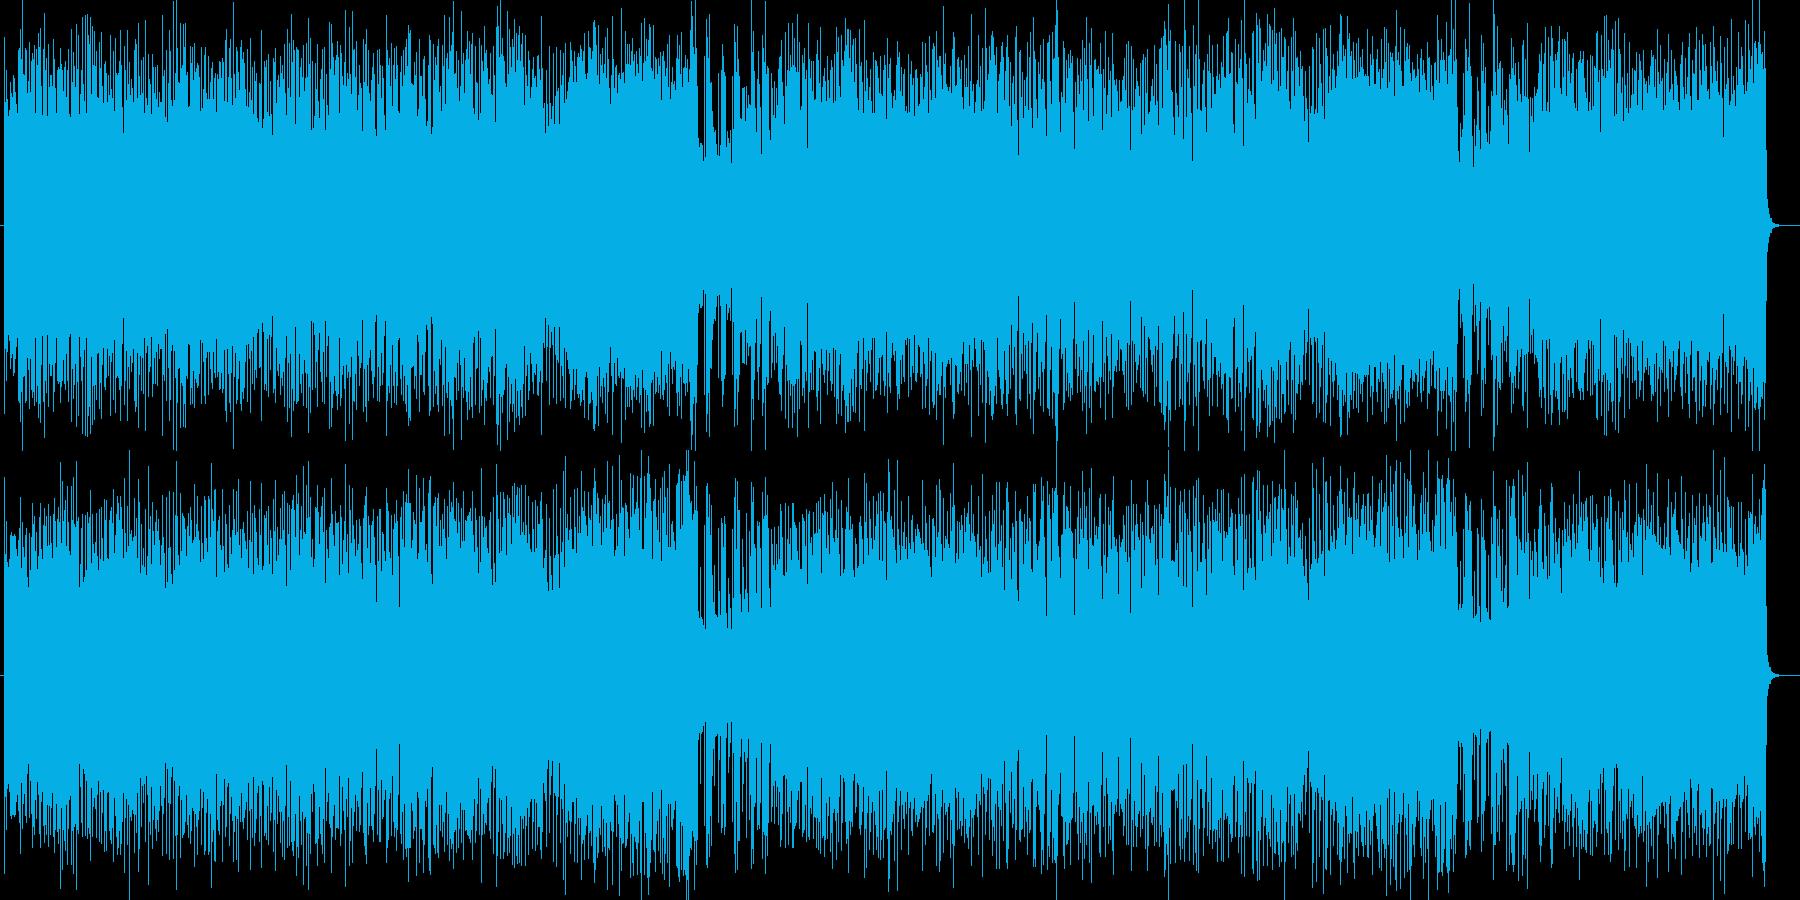 わくわくする爽快なPOPミュージックの再生済みの波形